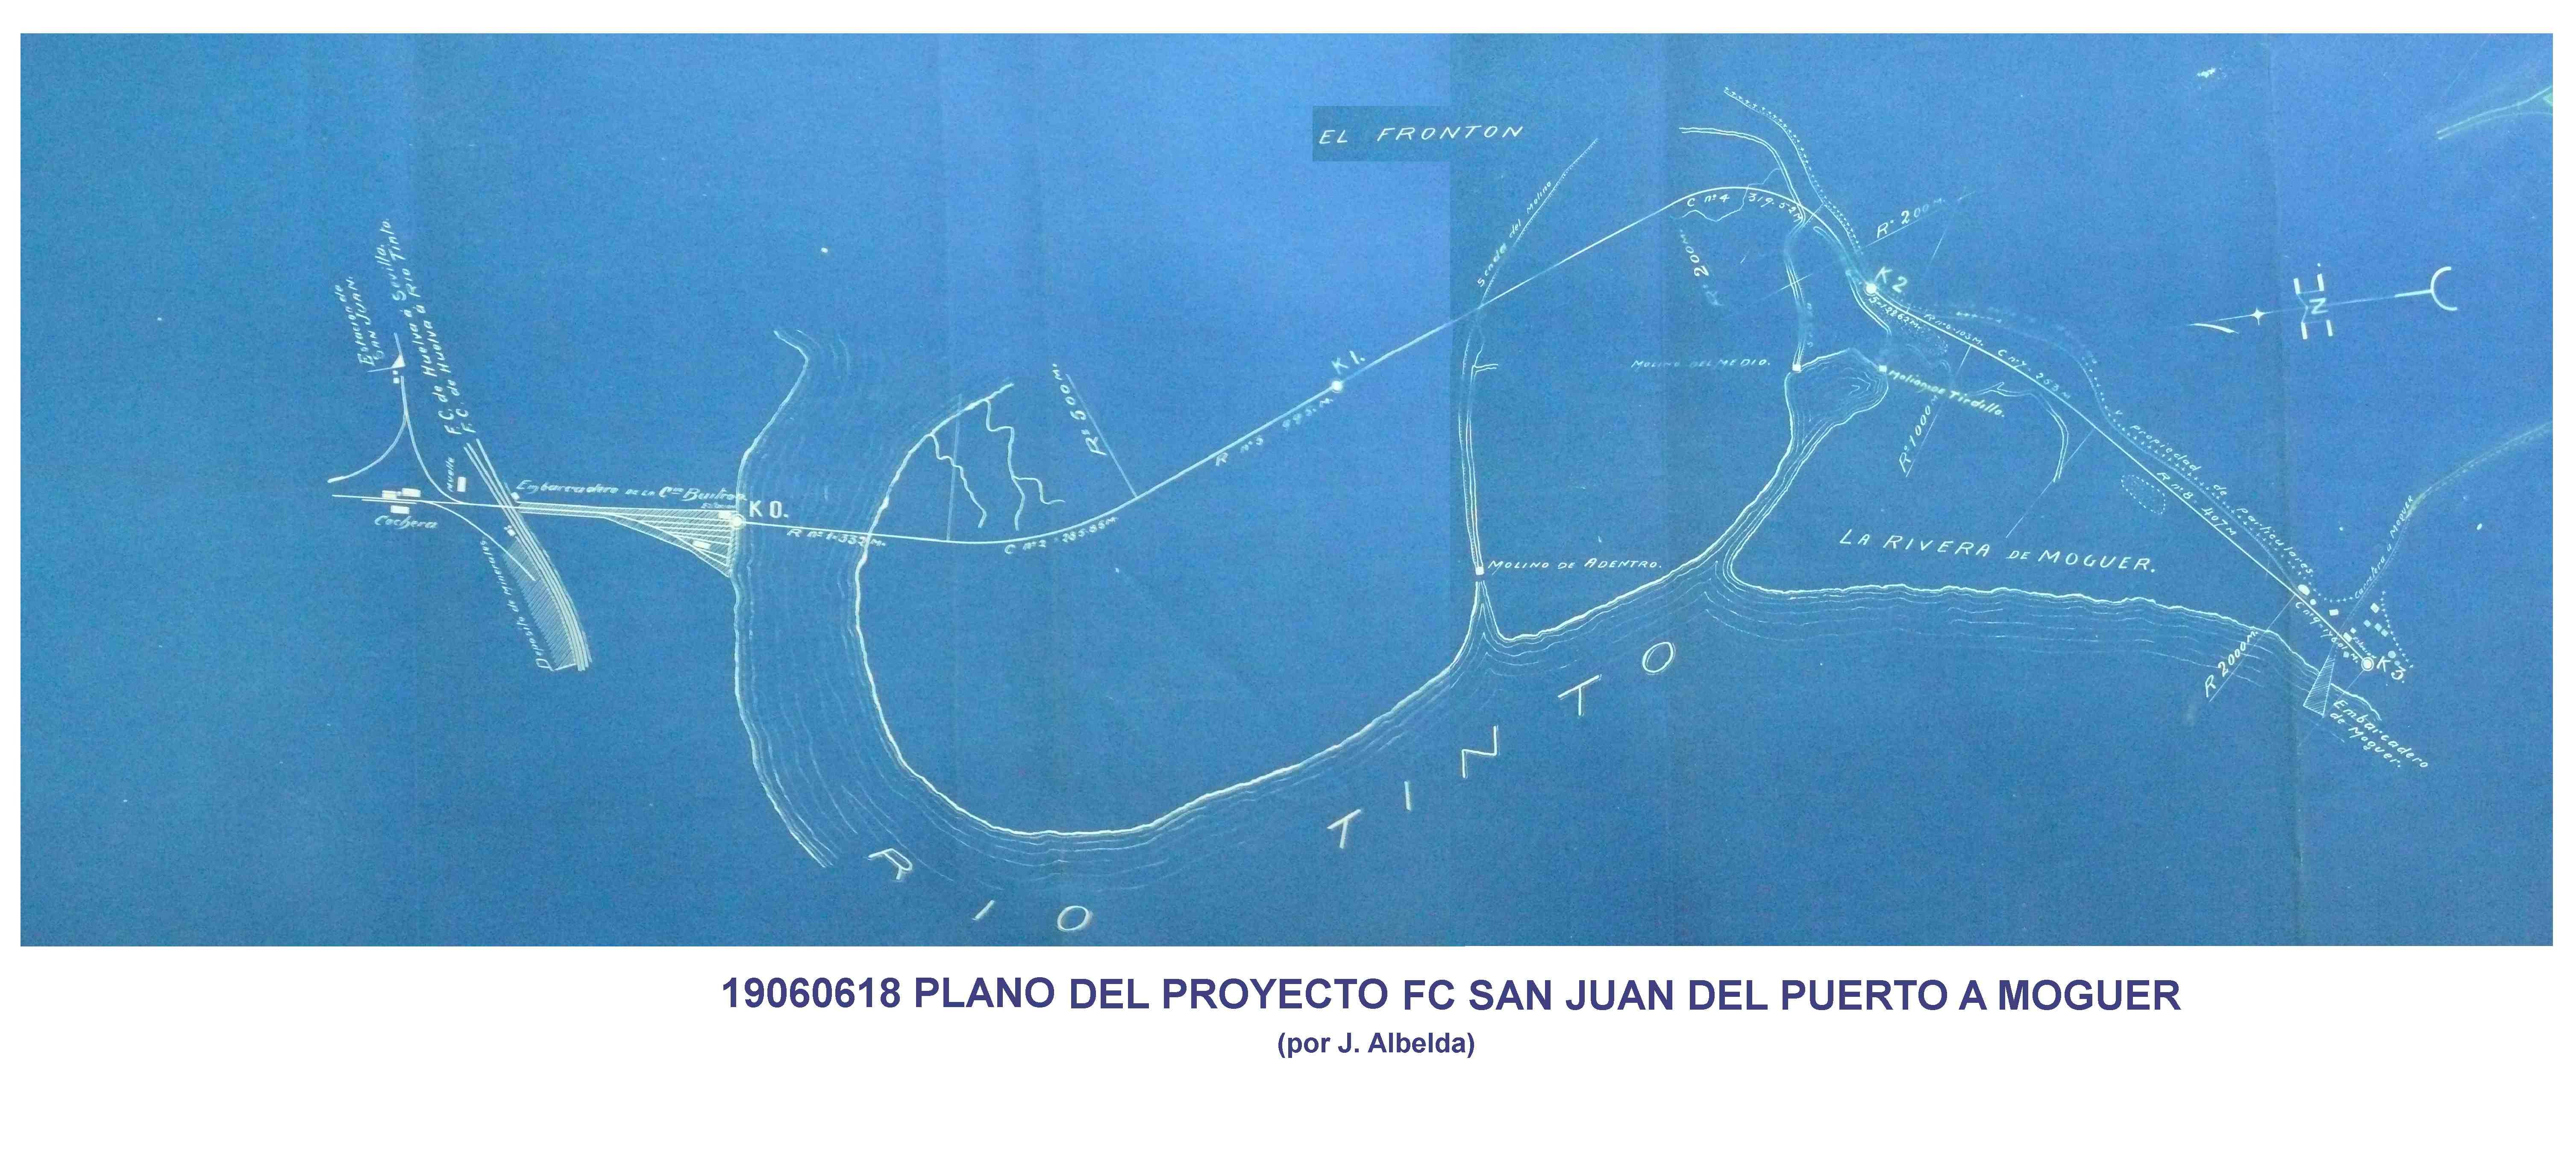 PLANO PROYECTO FC San JUAN á MOGUER